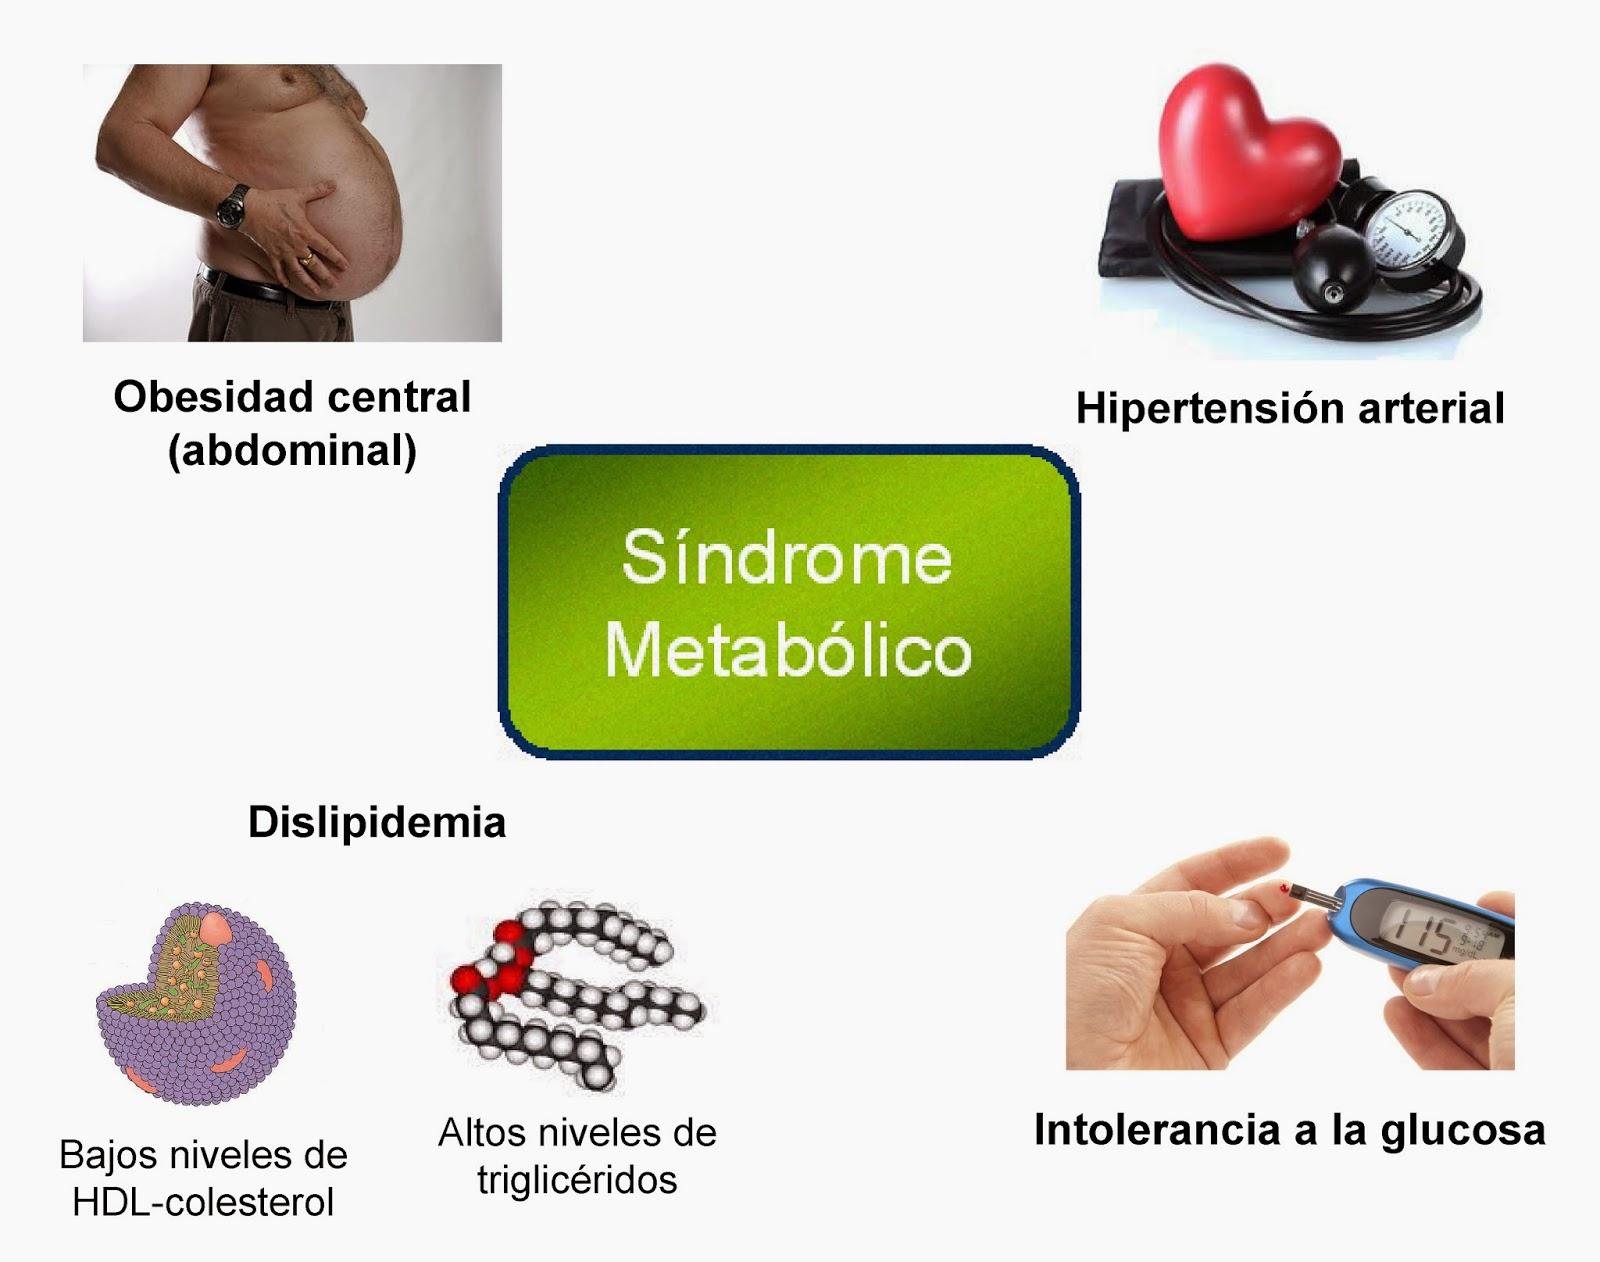 Criterios para el diagnóstico del Síndrome Metabólico